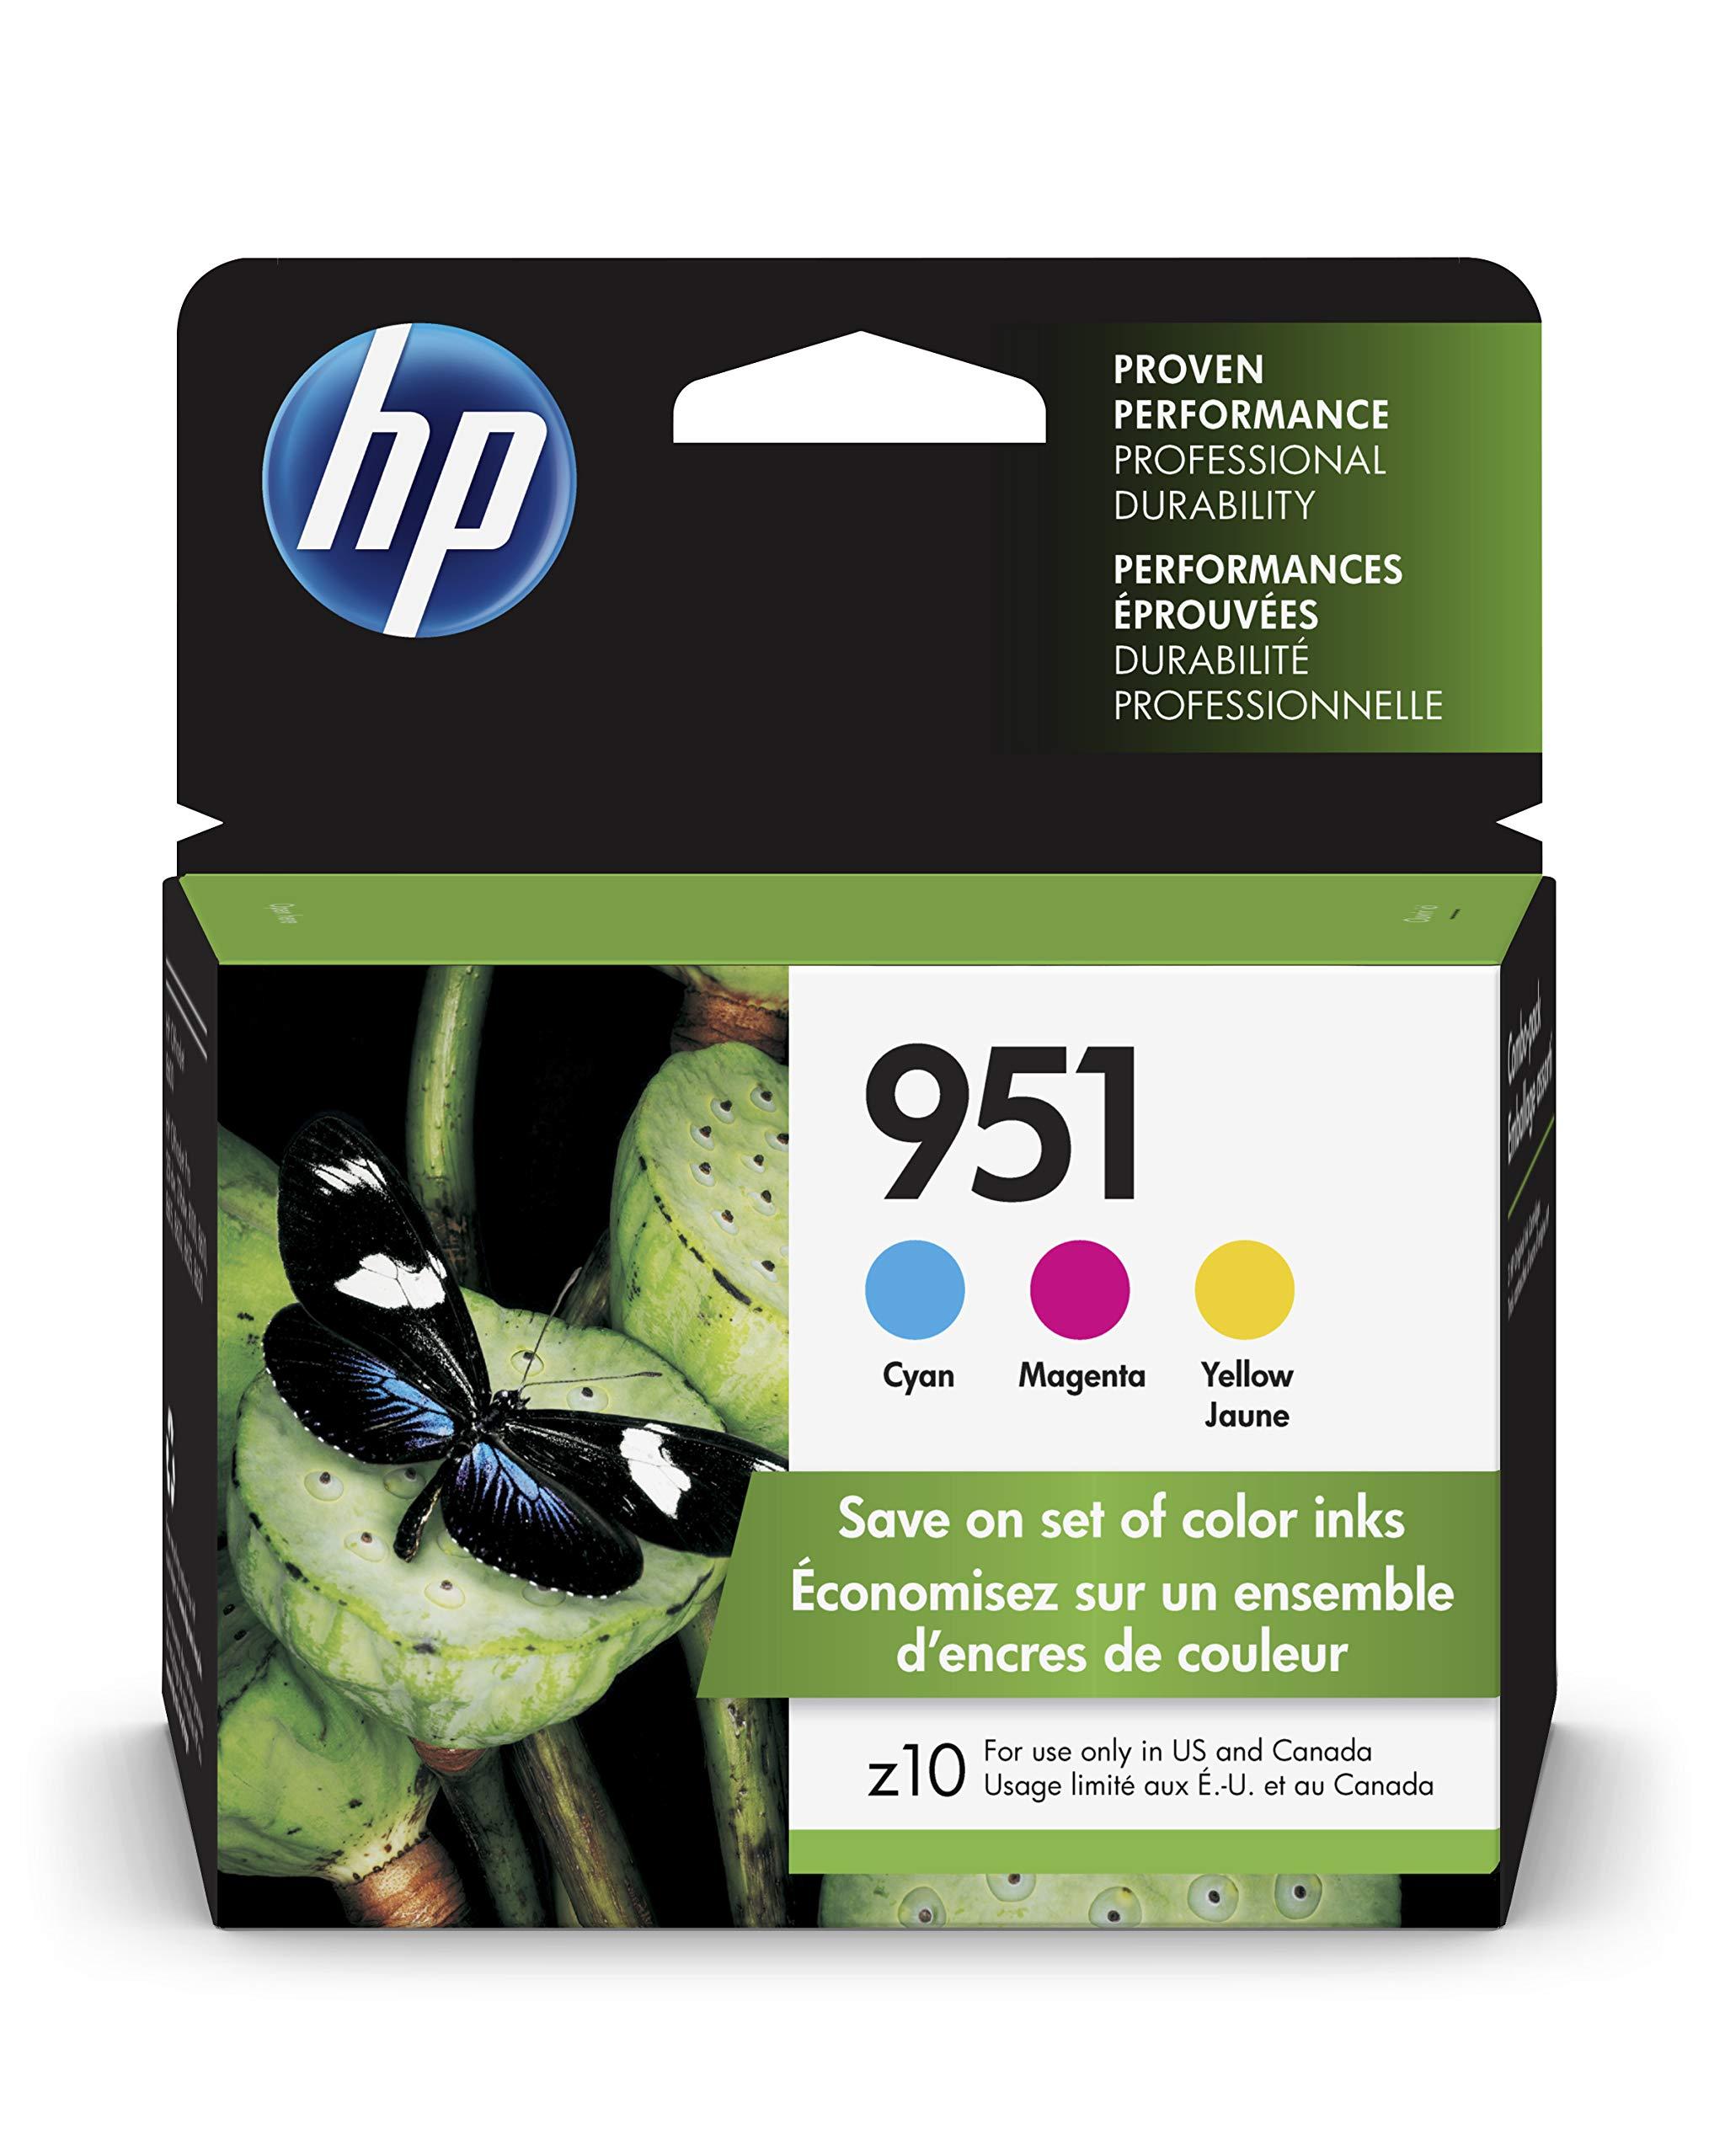 HP 951 Ink Cartridges: Cyan (CN050AN), Magenta (CN051AN) & Yellow (CN051AN), 3 Ink Cartridges (CR314FN) for HP Officejet Pro 8610 8600 8620 8100 251dw 8630 8625 8615 276dw